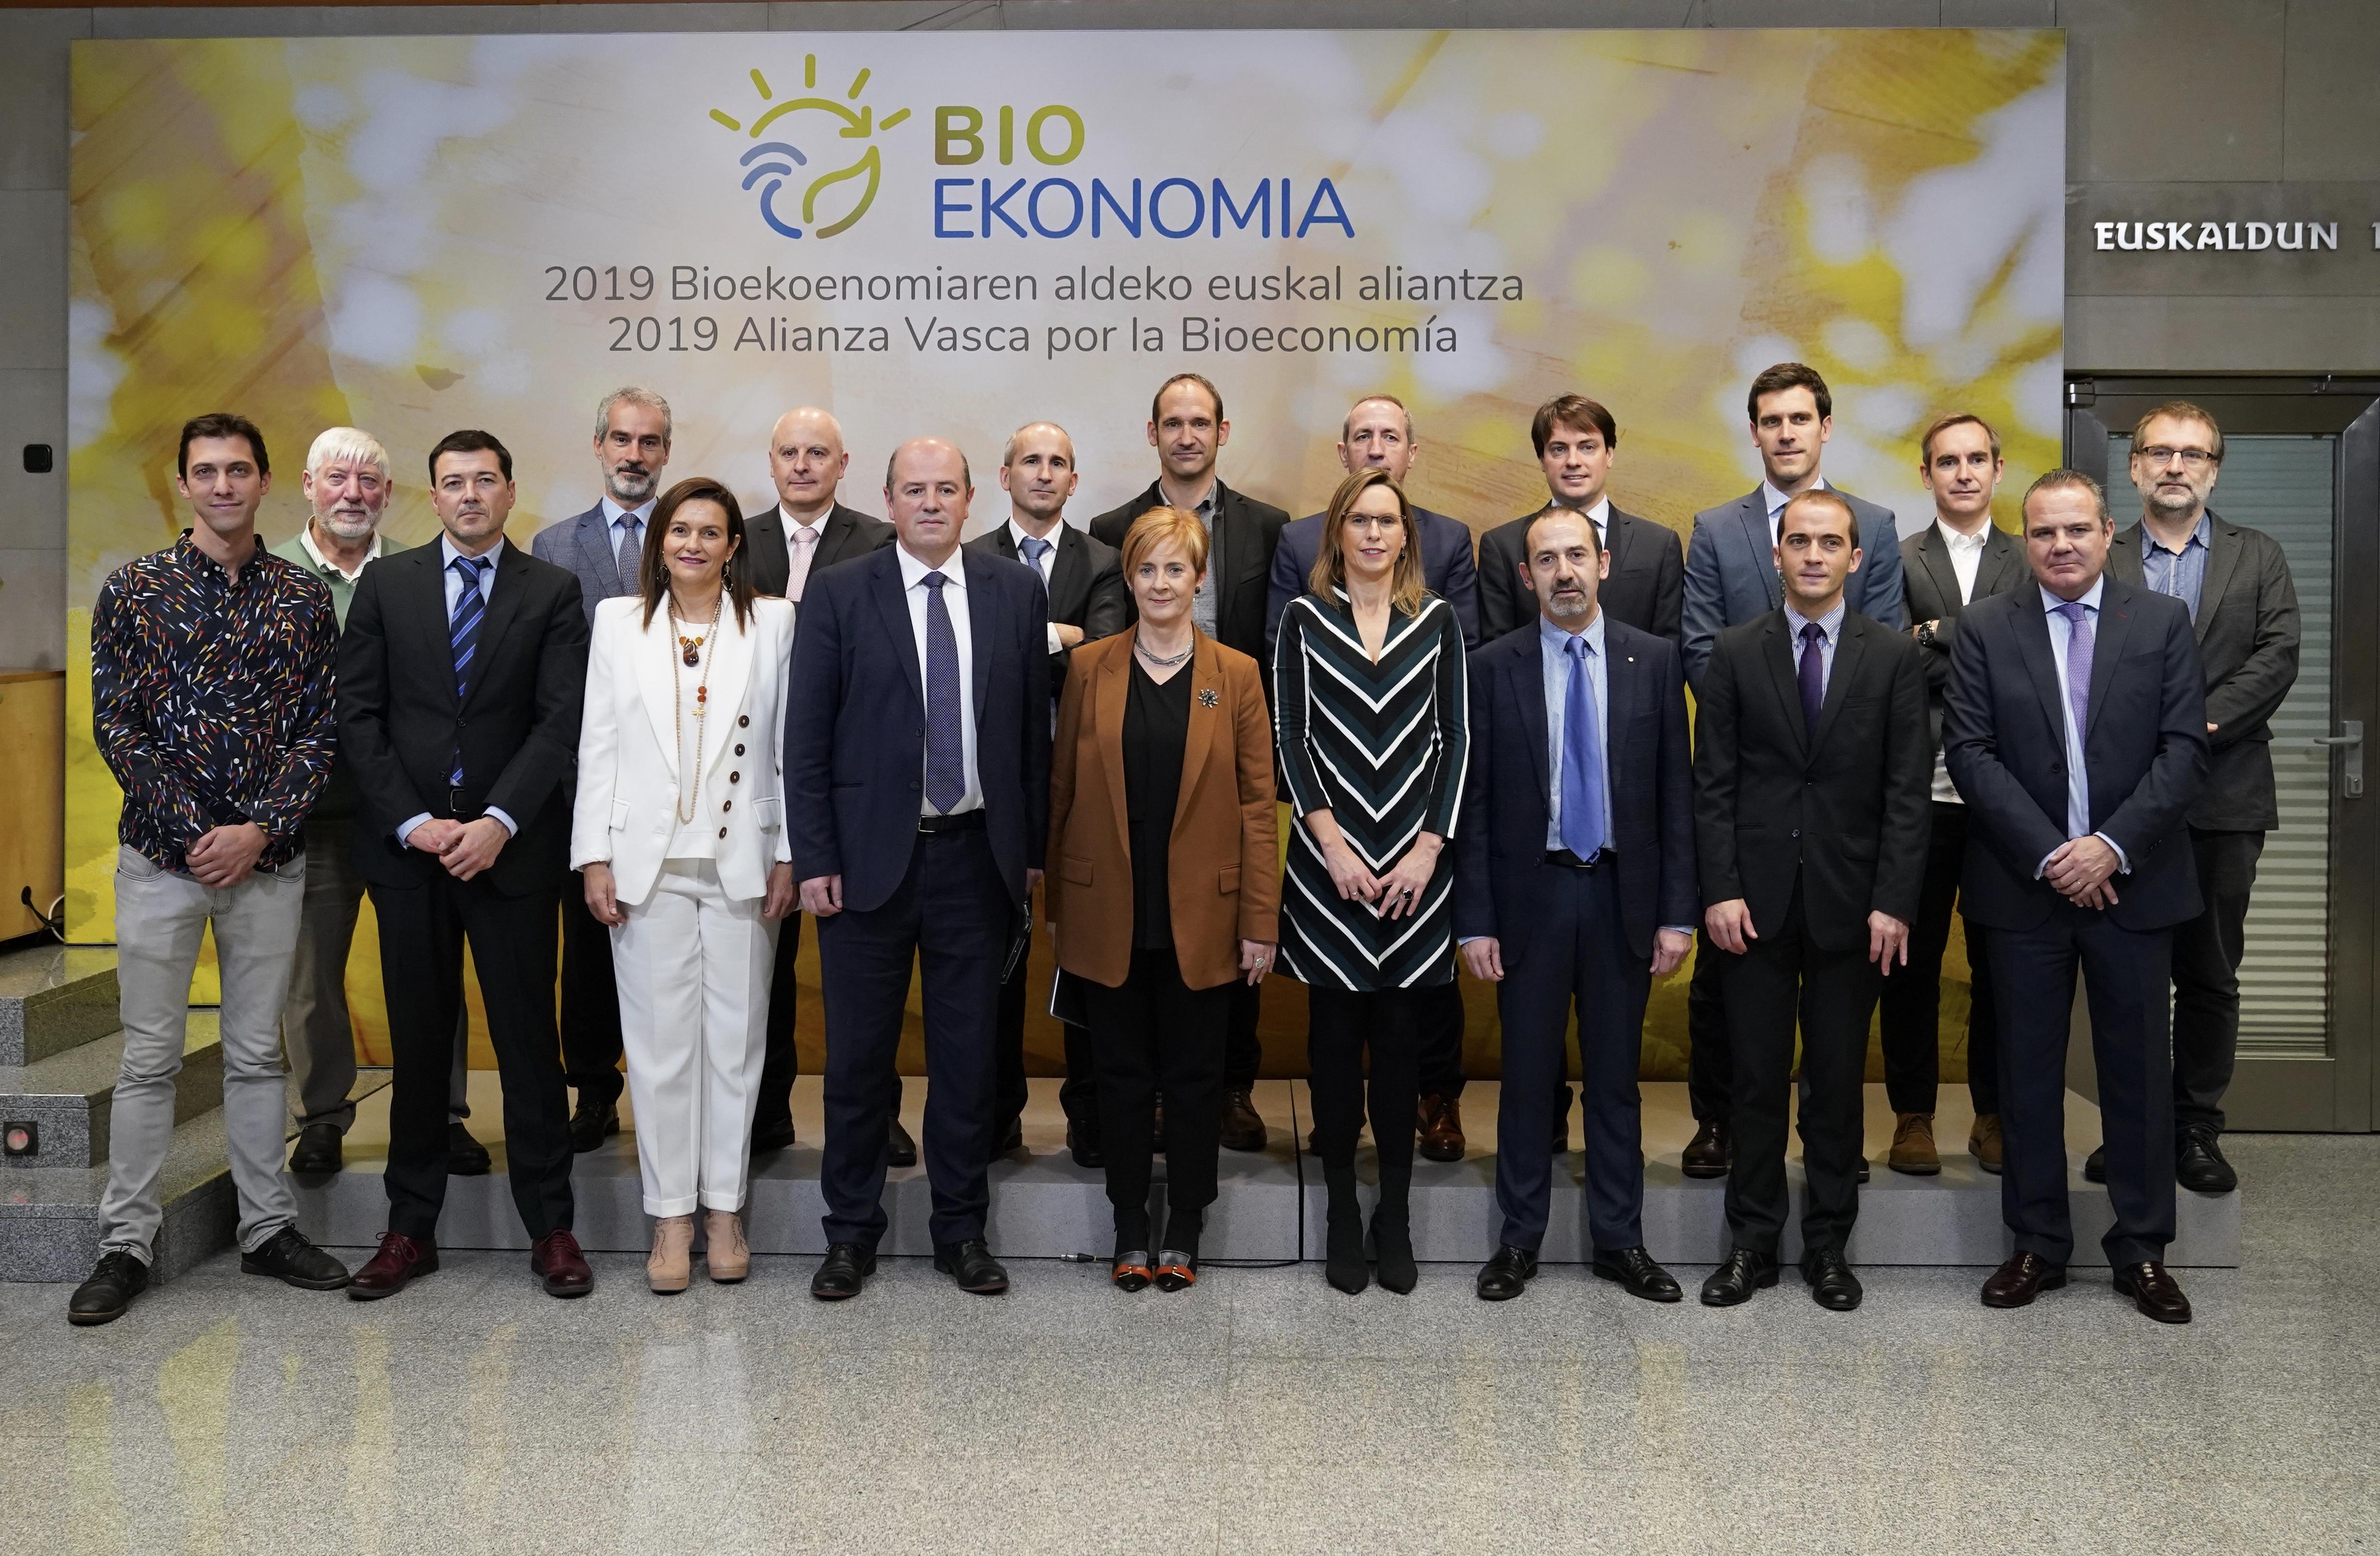 Bioekonomiaren Euskal Aliantza sortu da, Euskadiko ekonomia dibertsifikatzeko eta garapen jasangarrian laguntzeko